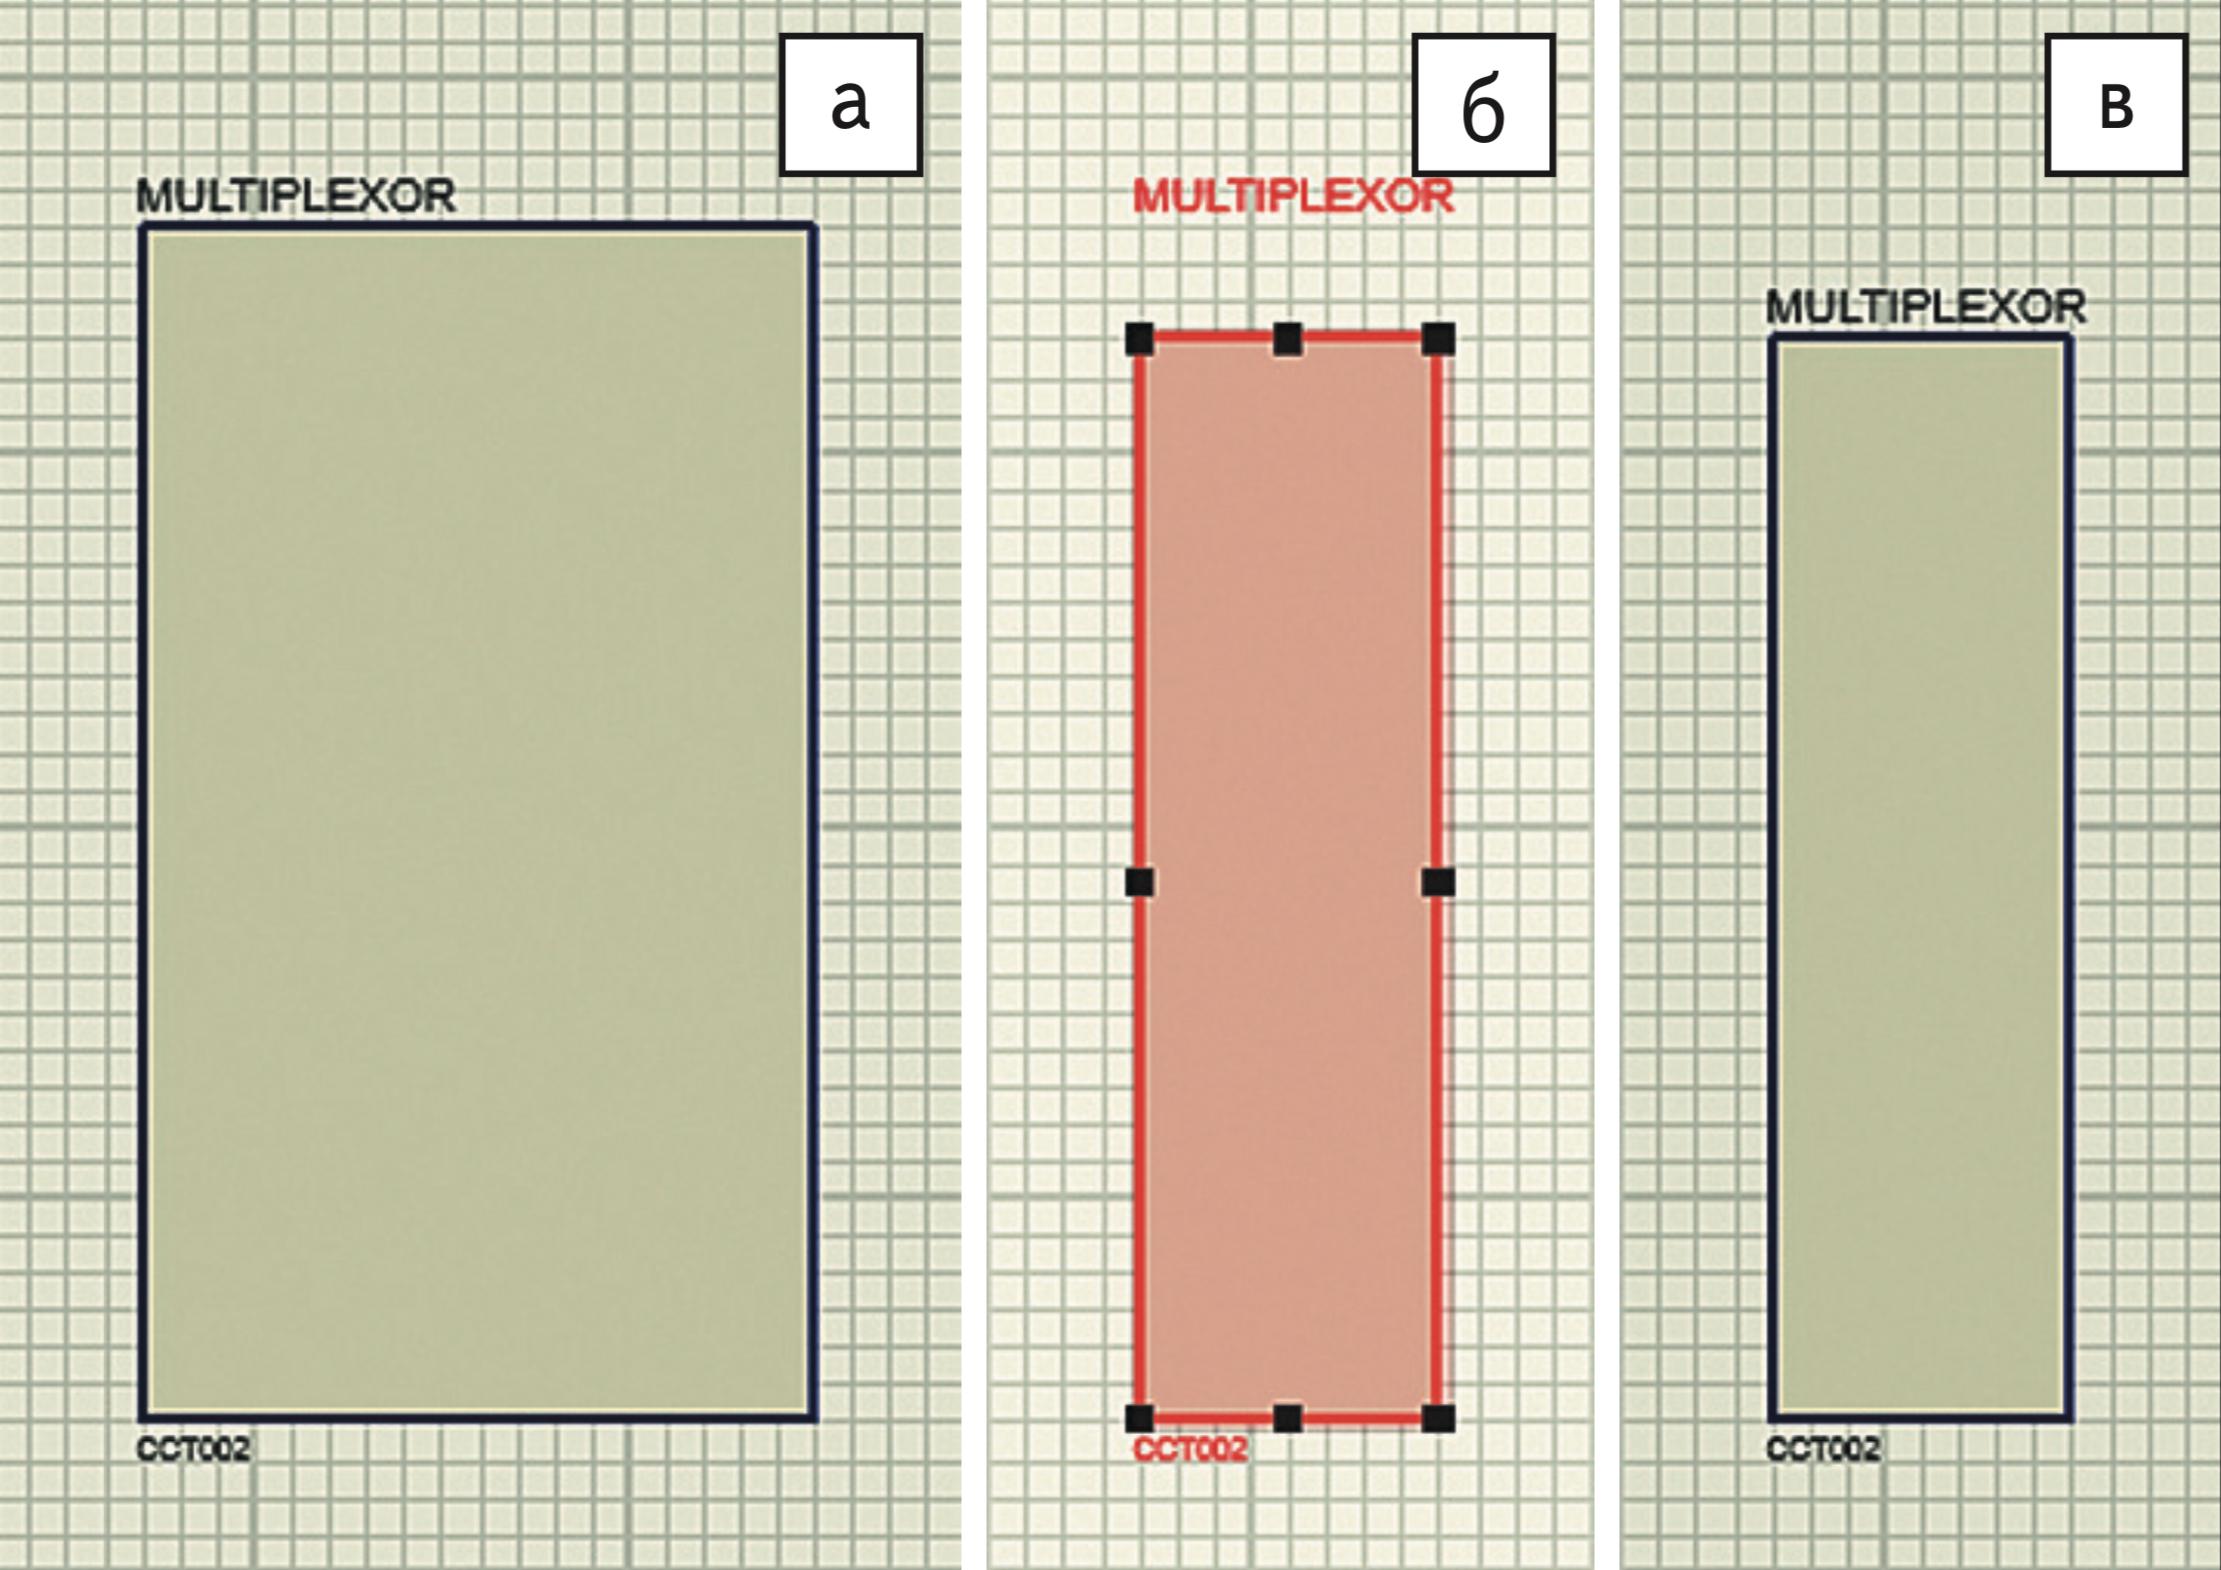 Иерархический блок в рабочем поле проекта: а) до выделения; б) в процессе изменения его размера; в) после снятия выделения